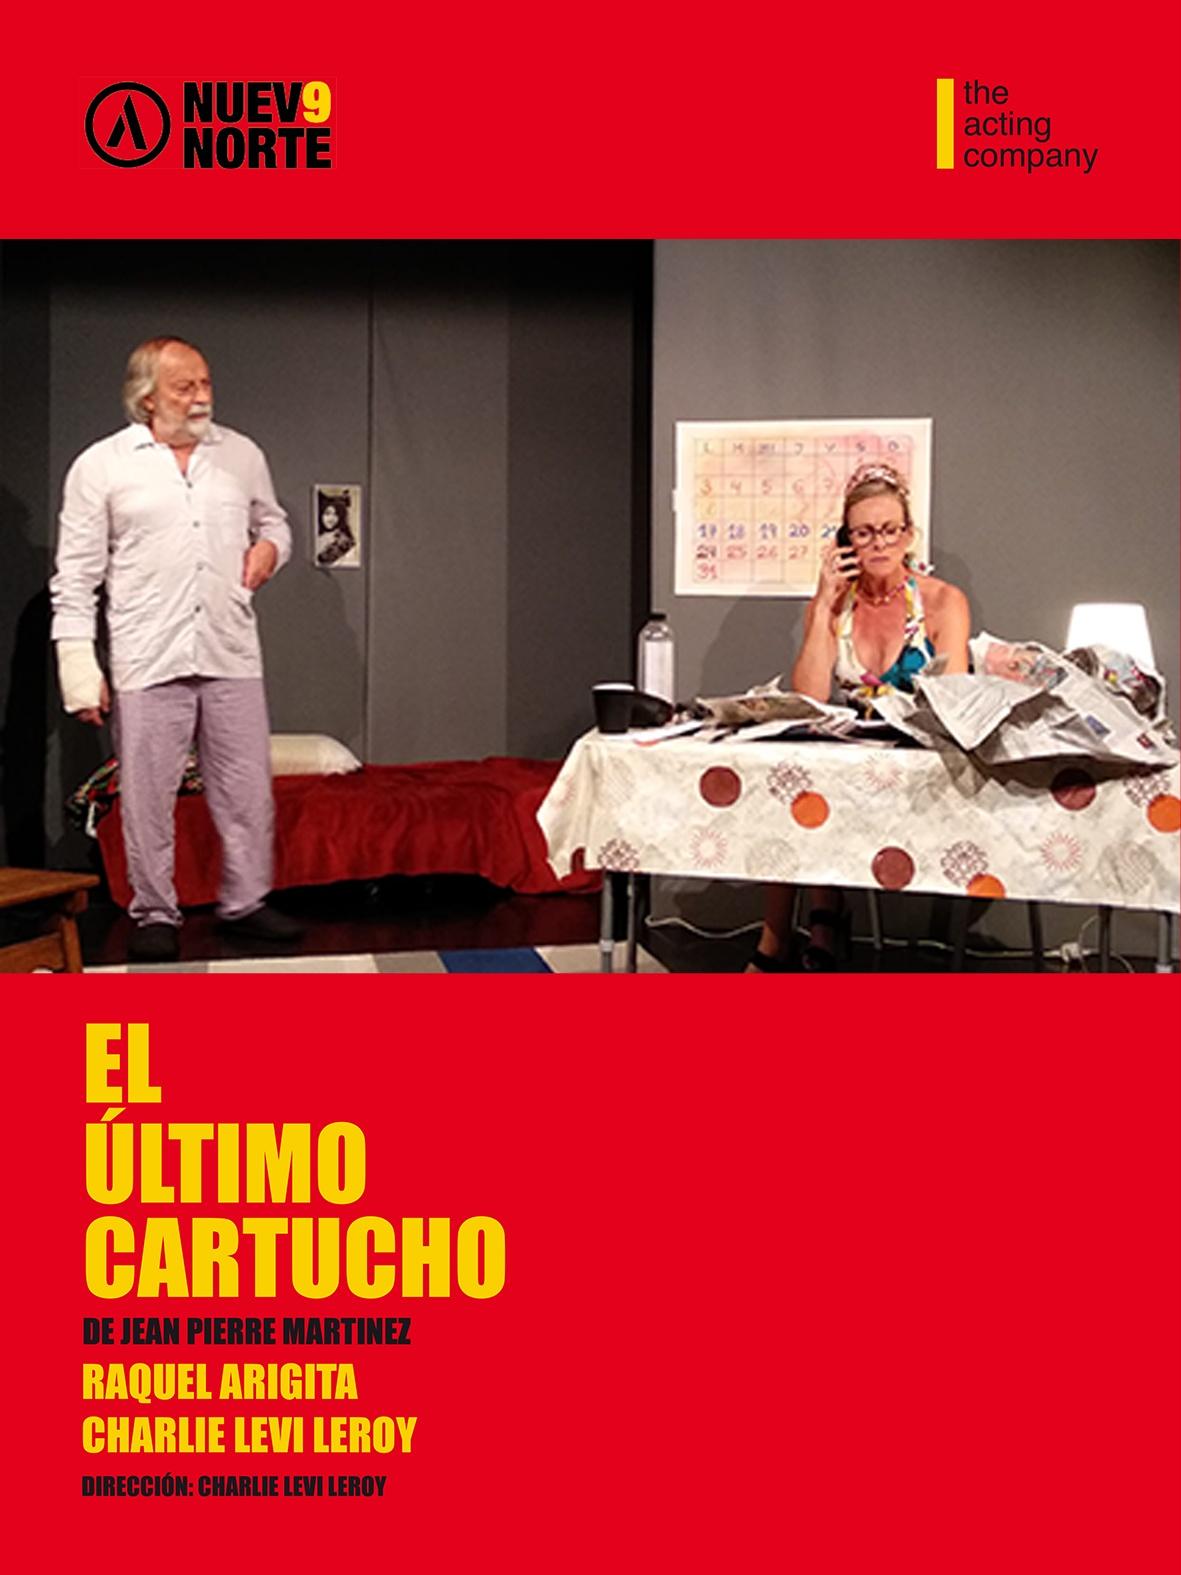 El último cartucho de Jean-Pierre Martinez, mise en scène de Charlie Levi Leroy à Madrid